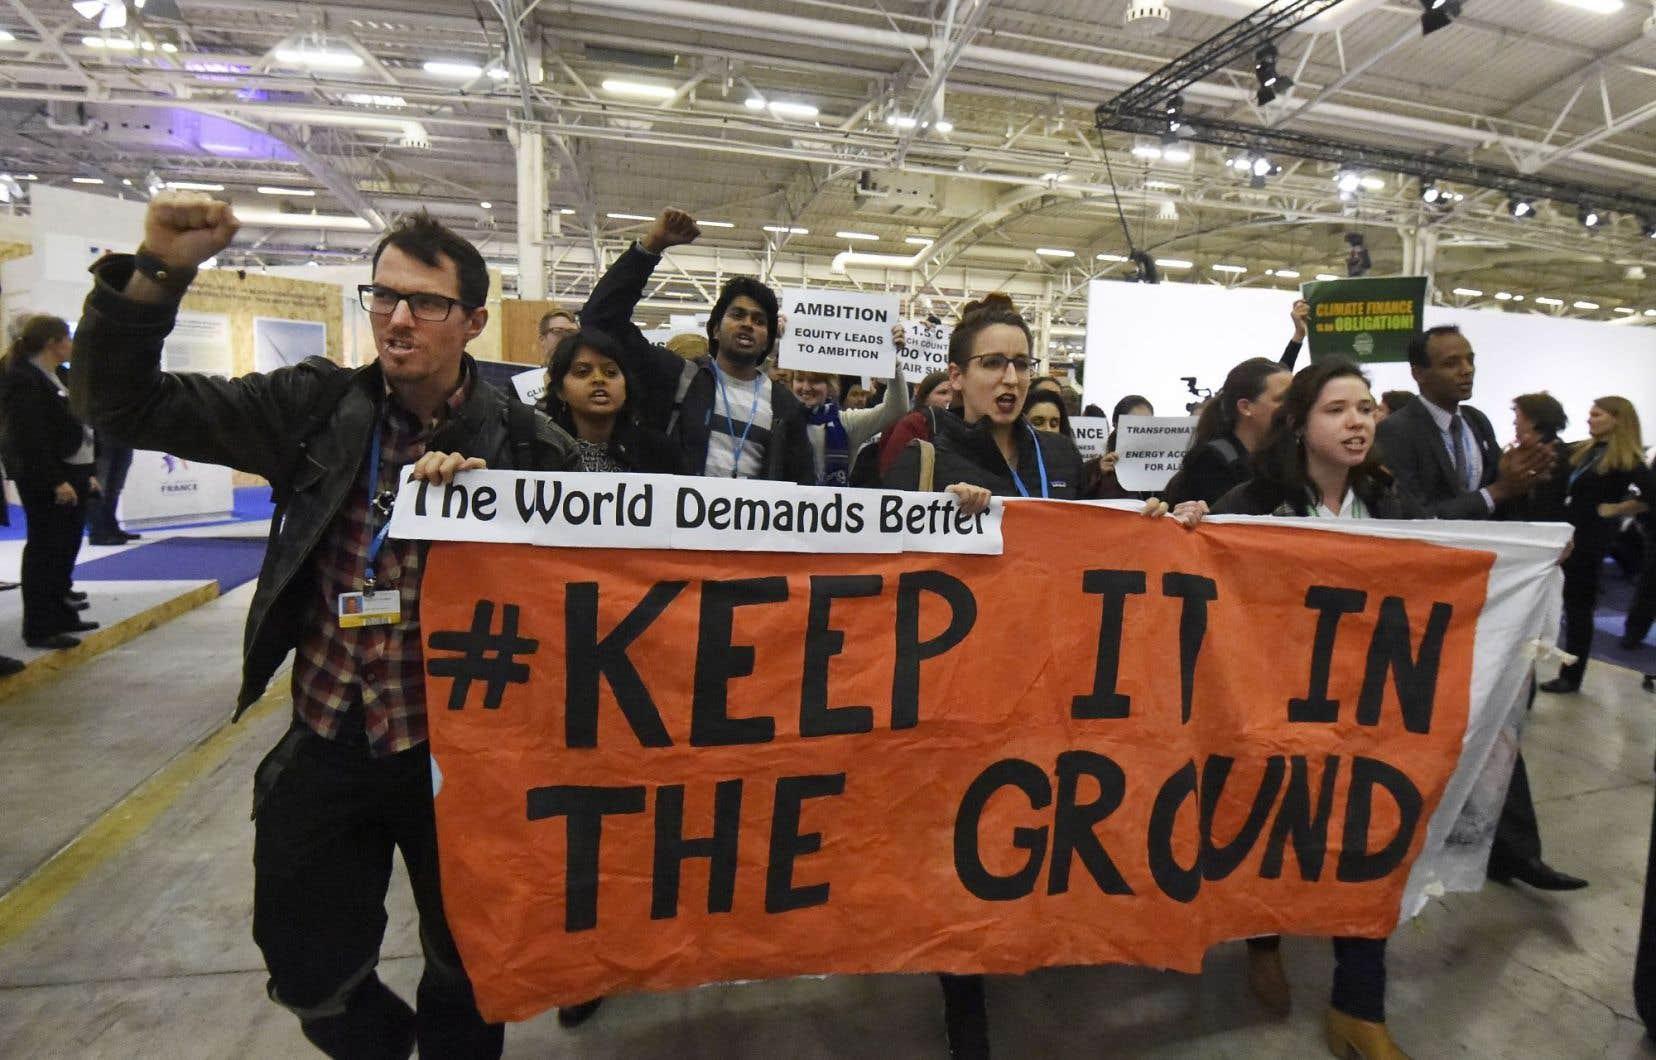 Des manifestants ont demandé aux participants de la COP21 de cesser d'investir dans l'exploitation des énergies fossiles.